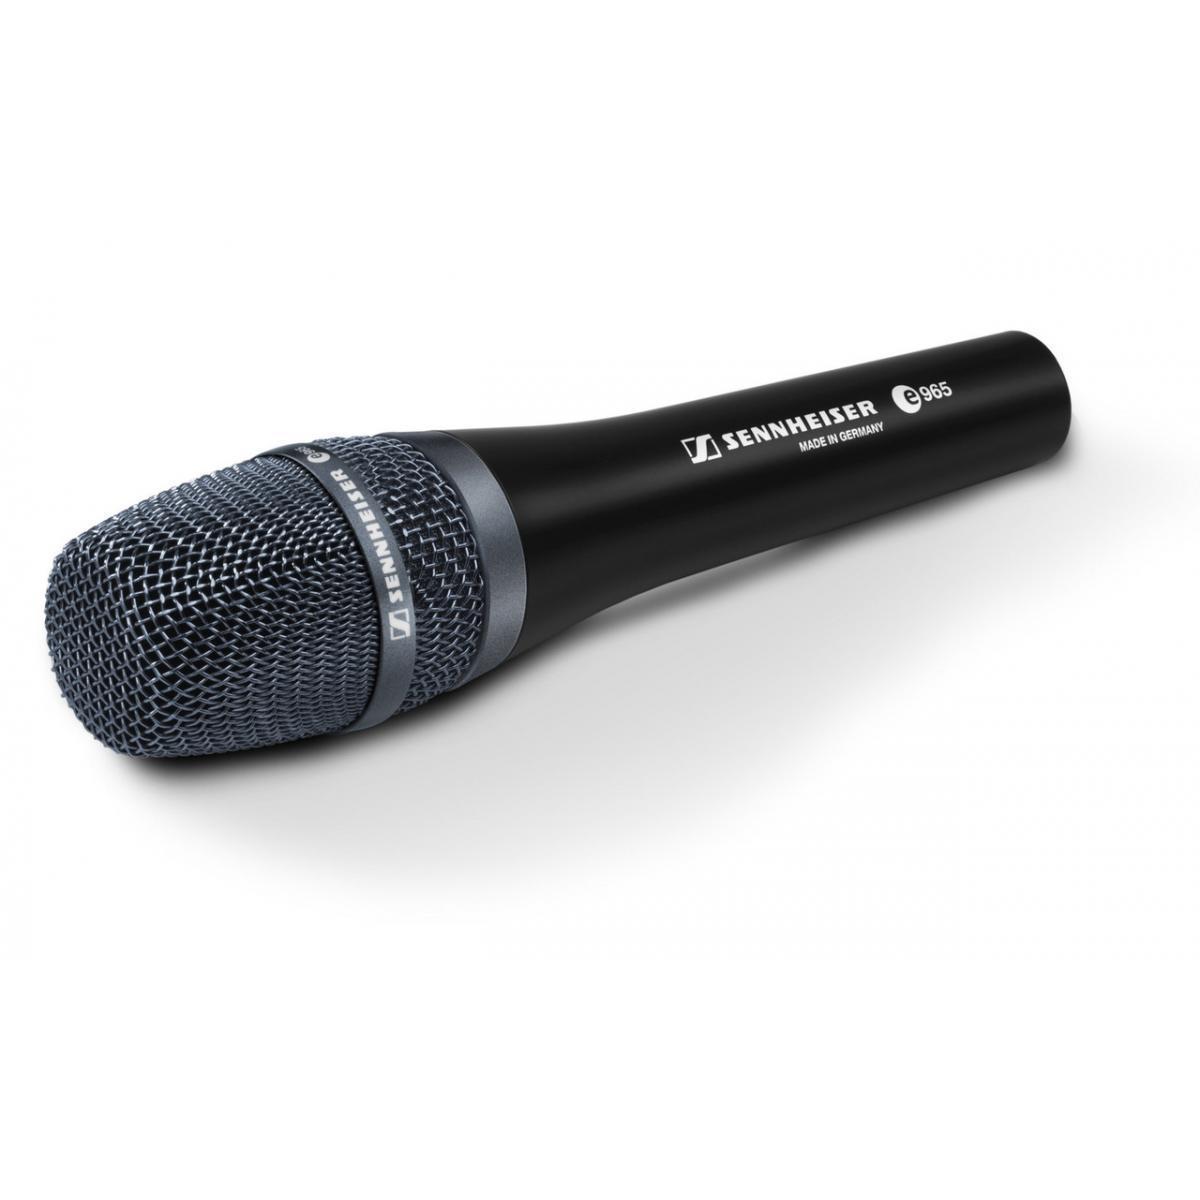 Ручной проводной микрофон Sennheiser Evolution E965, вокальный